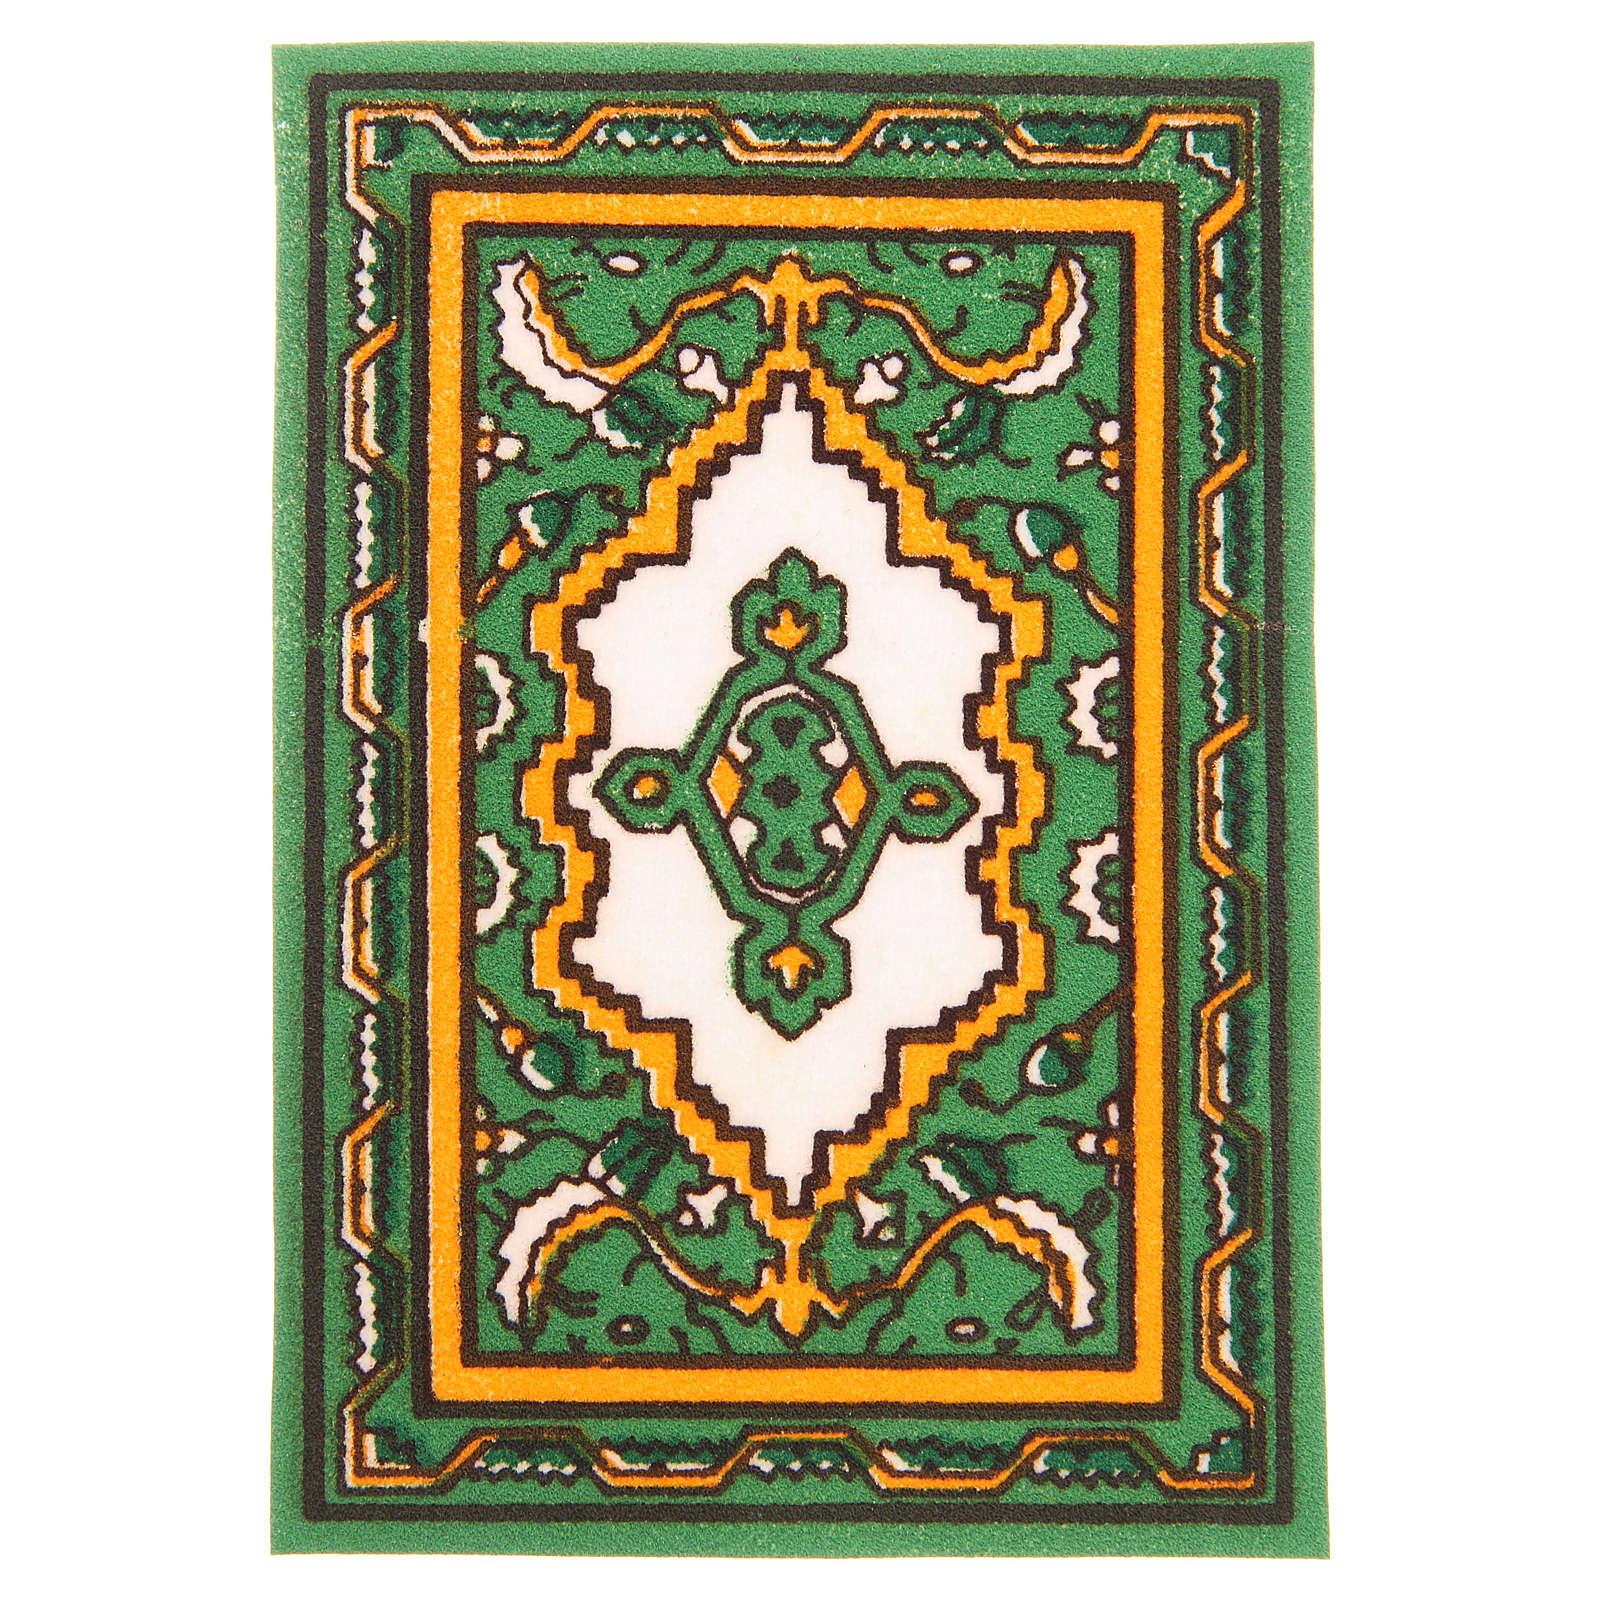 Tappeto per presepe verde 7x10,5 cm 4